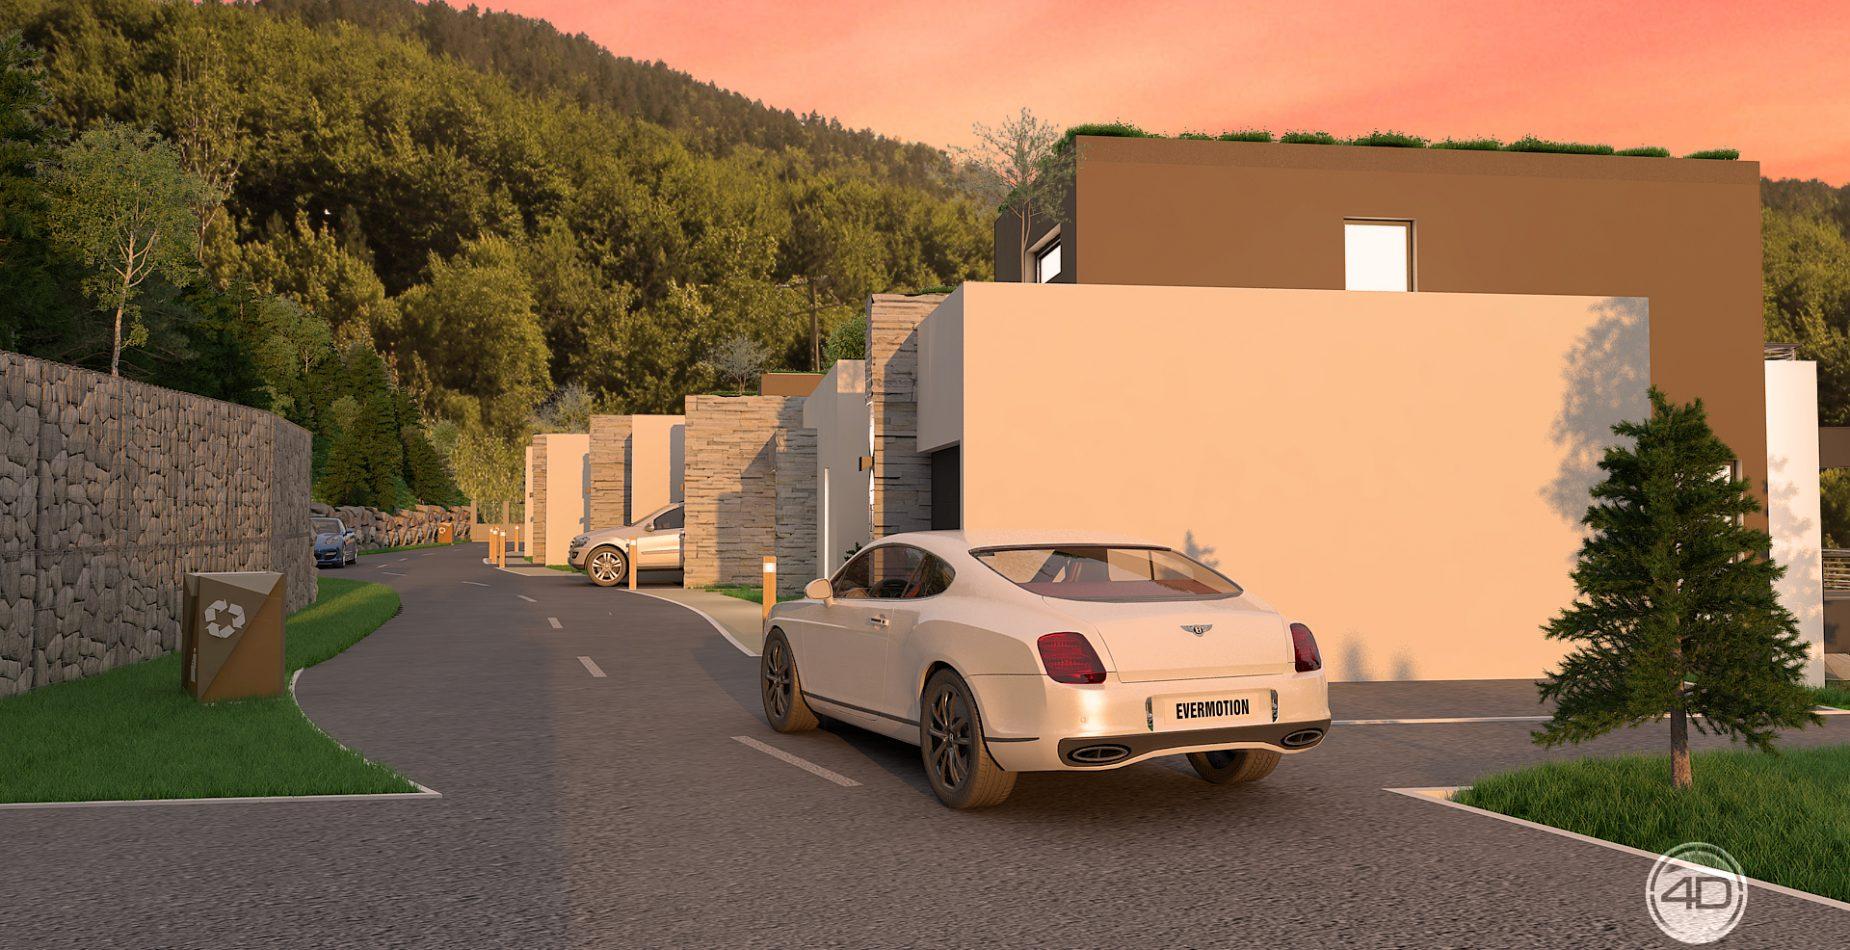 Edificio_4D-univers-townhouse_lac_annecy_3D-villa_00016